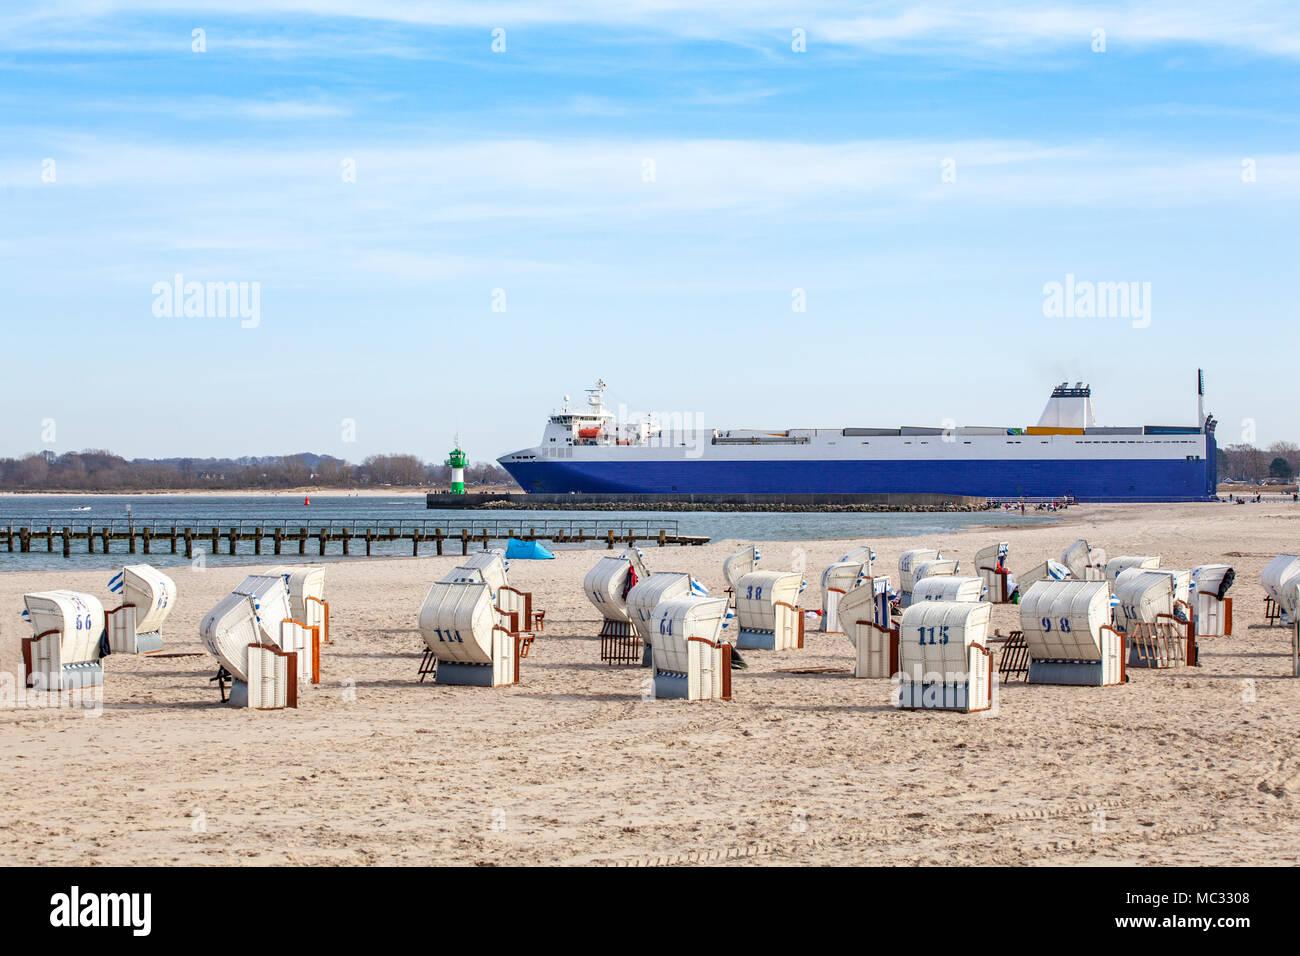 Conro Schiff vor Travemünde, Deutschland - Stock Image